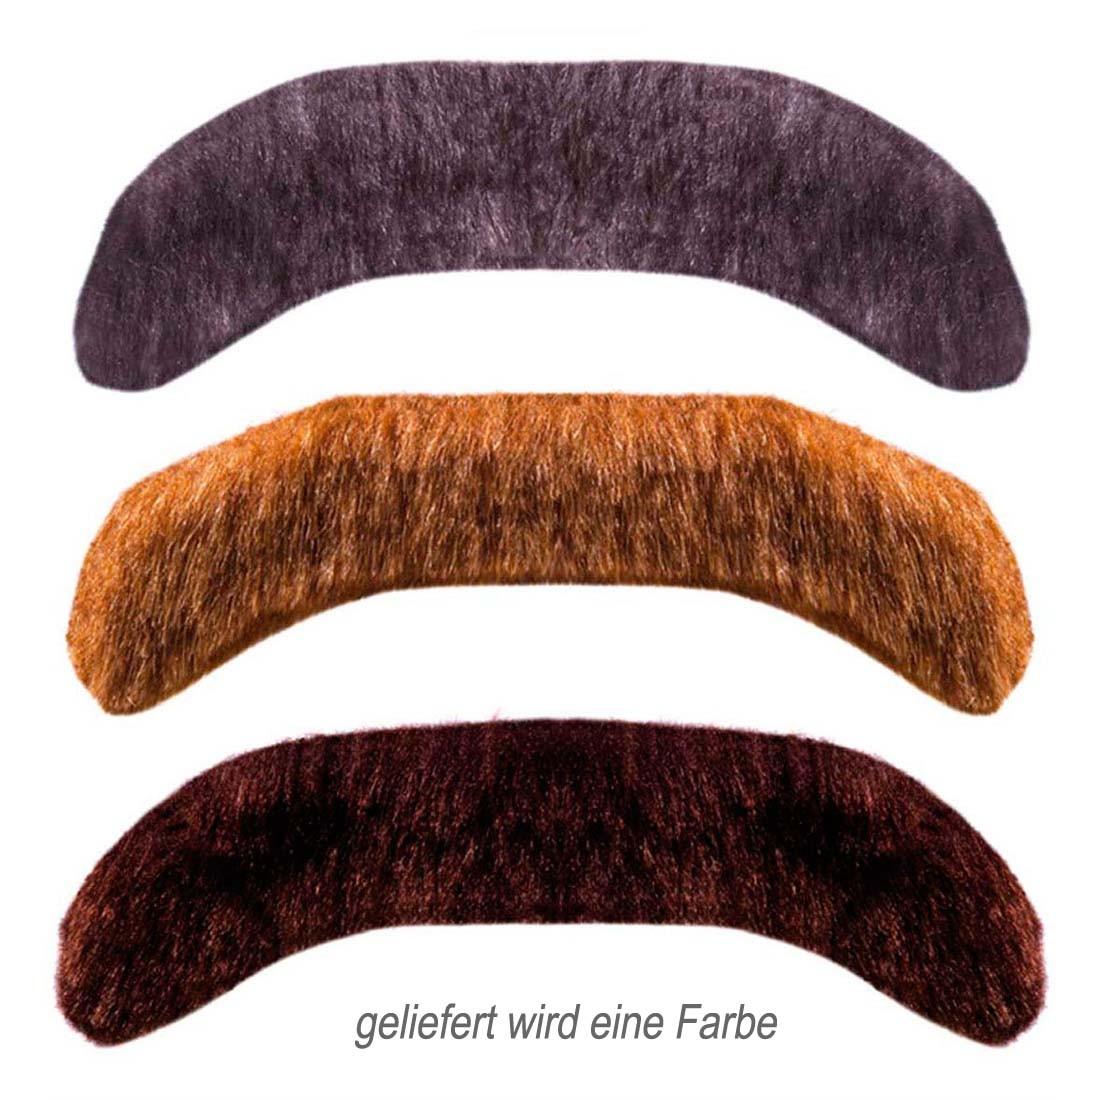 Gentleman Schnurrbart 3 Farben Oliba Fasching Bart. 2.99